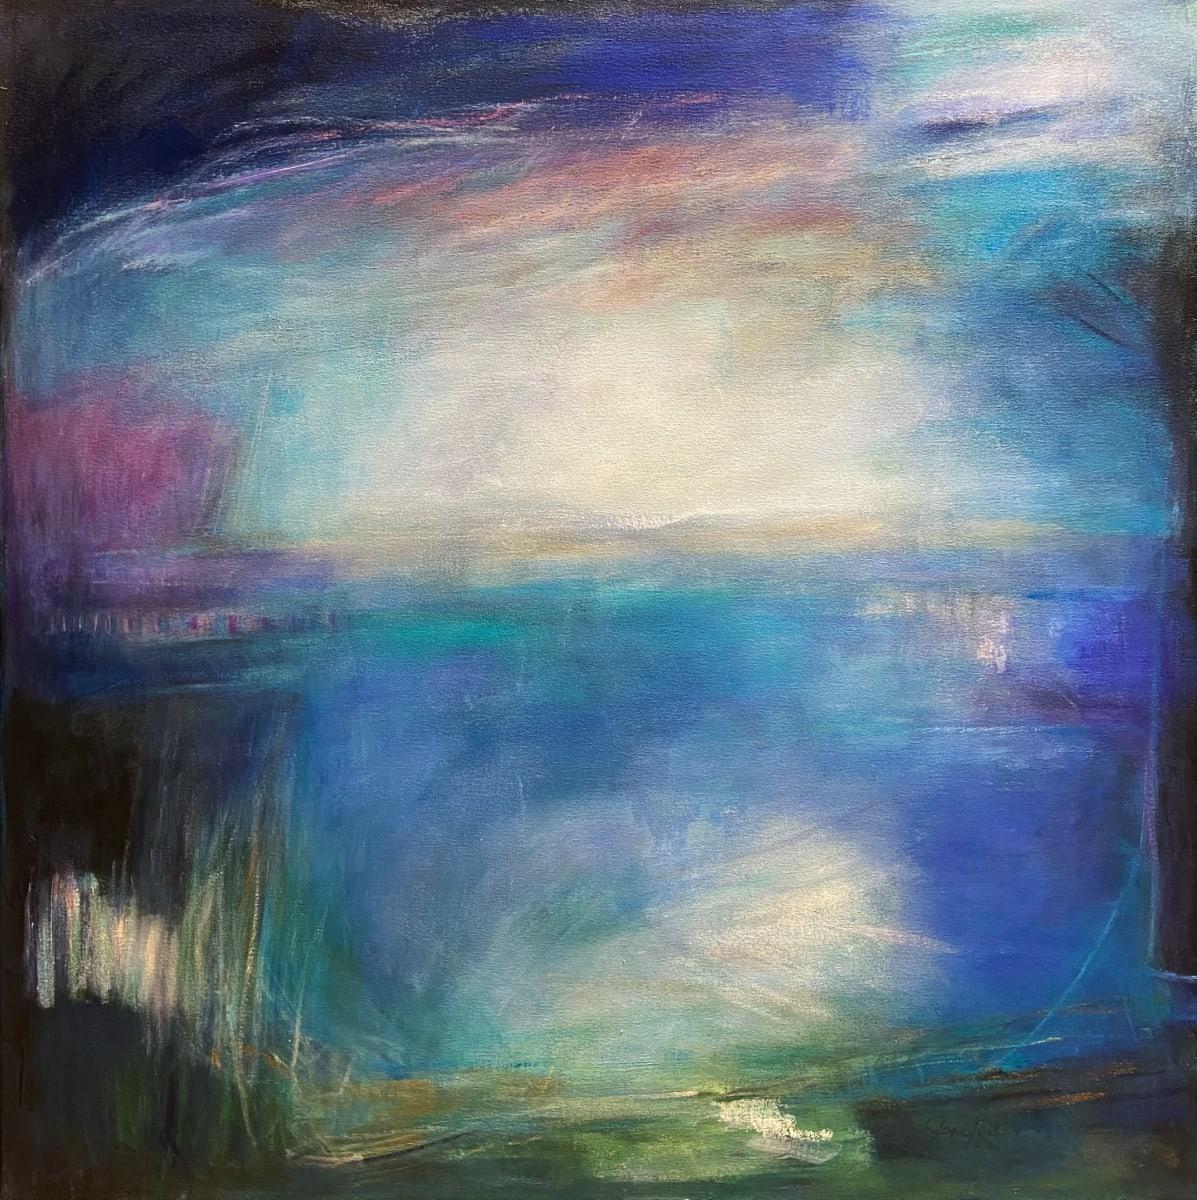 Evening Sky by Jane Parker